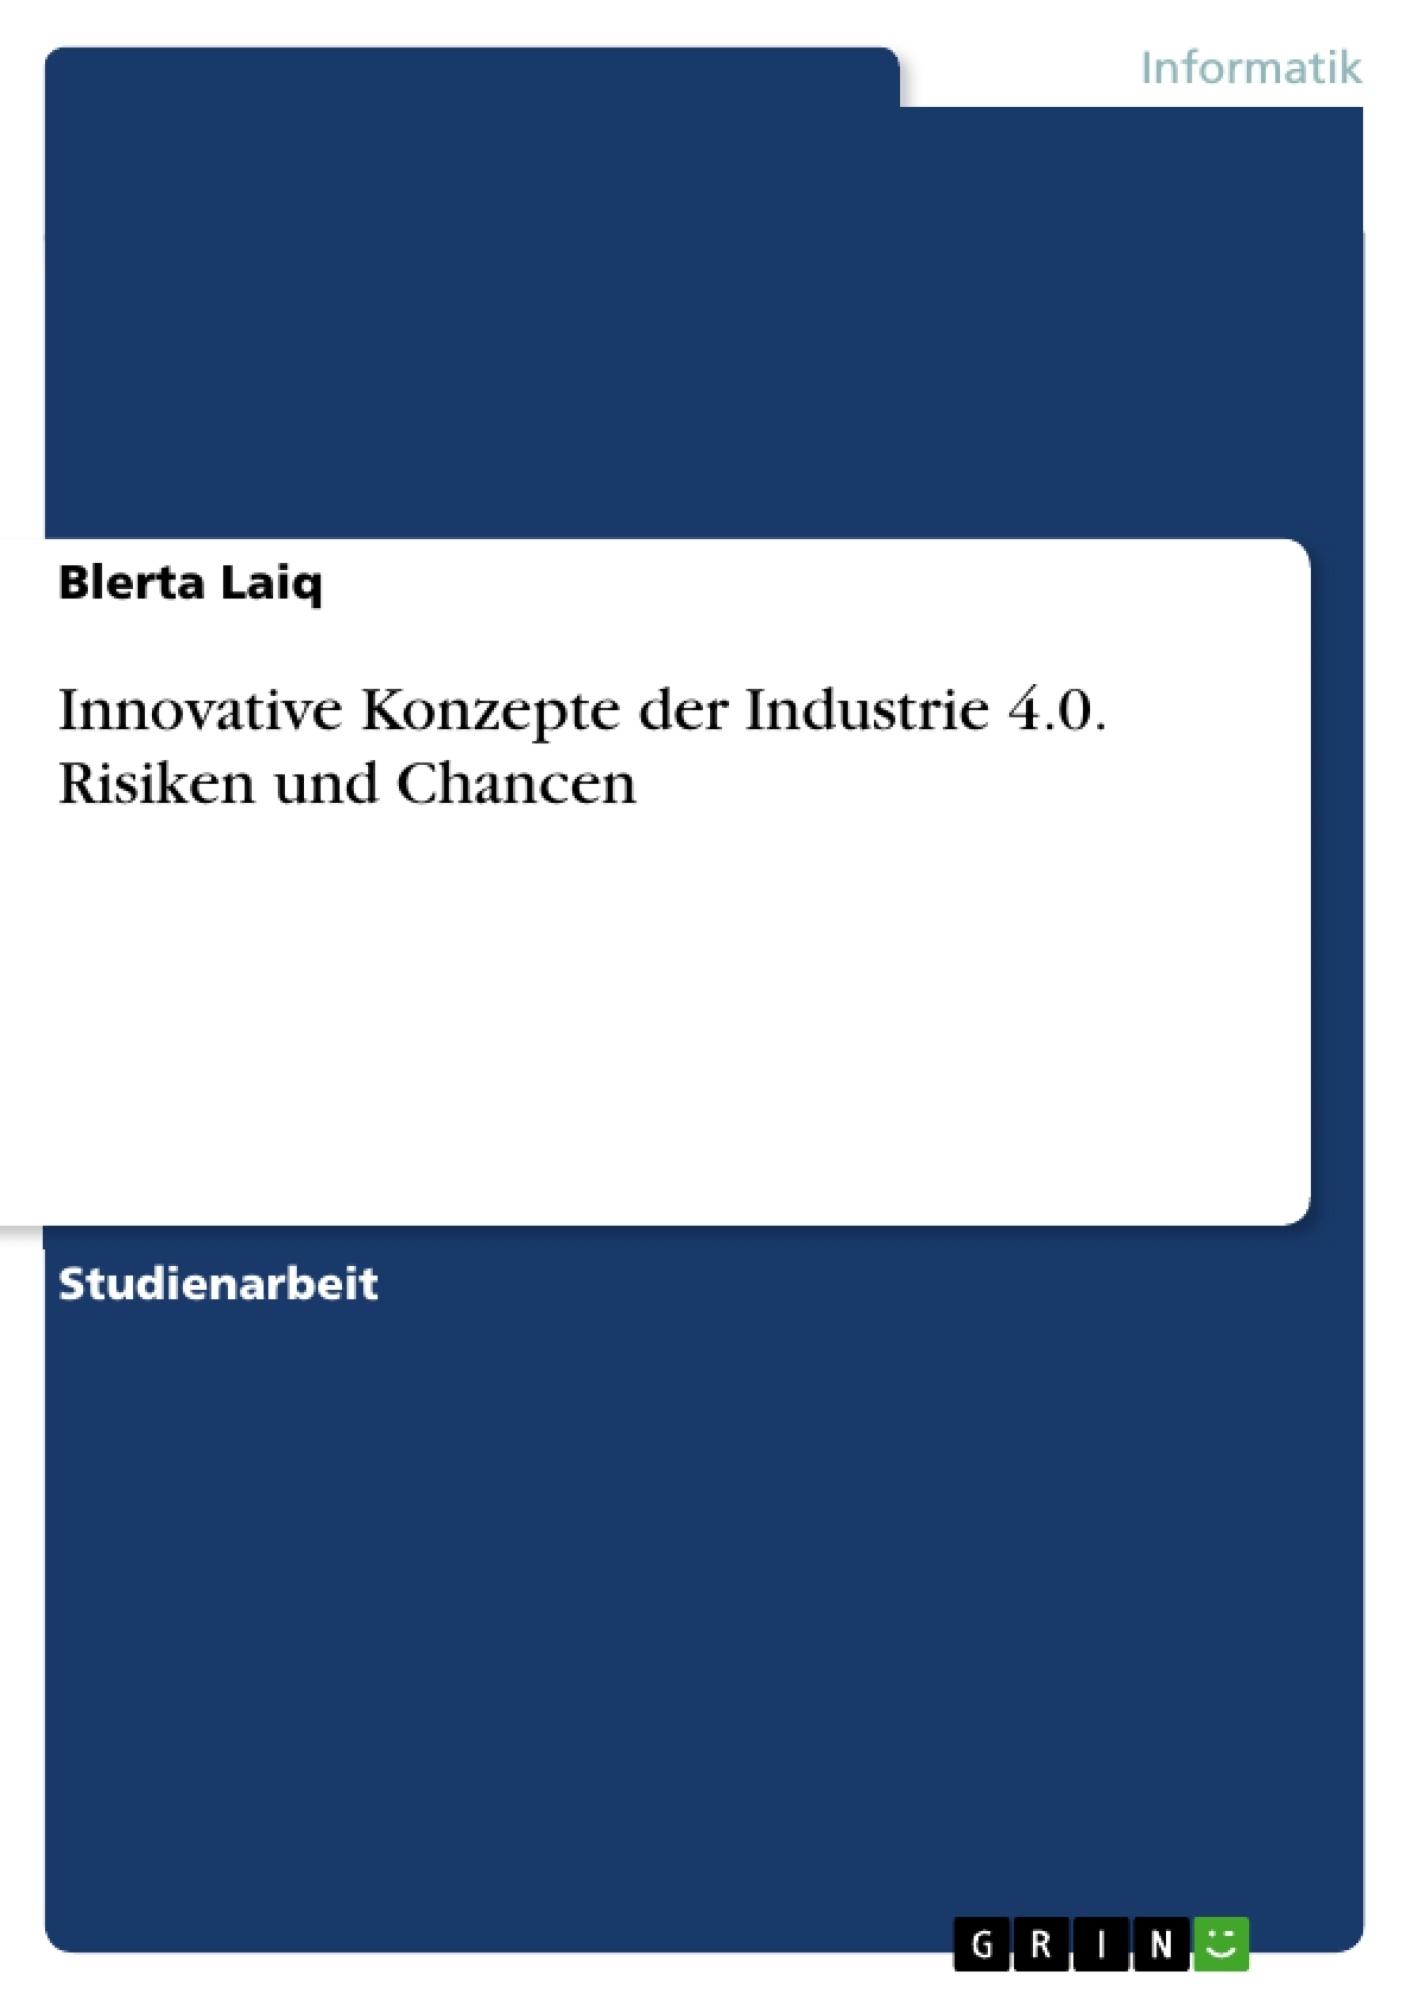 Titel: Innovative Konzepte der Industrie 4.0. Risiken und Chancen